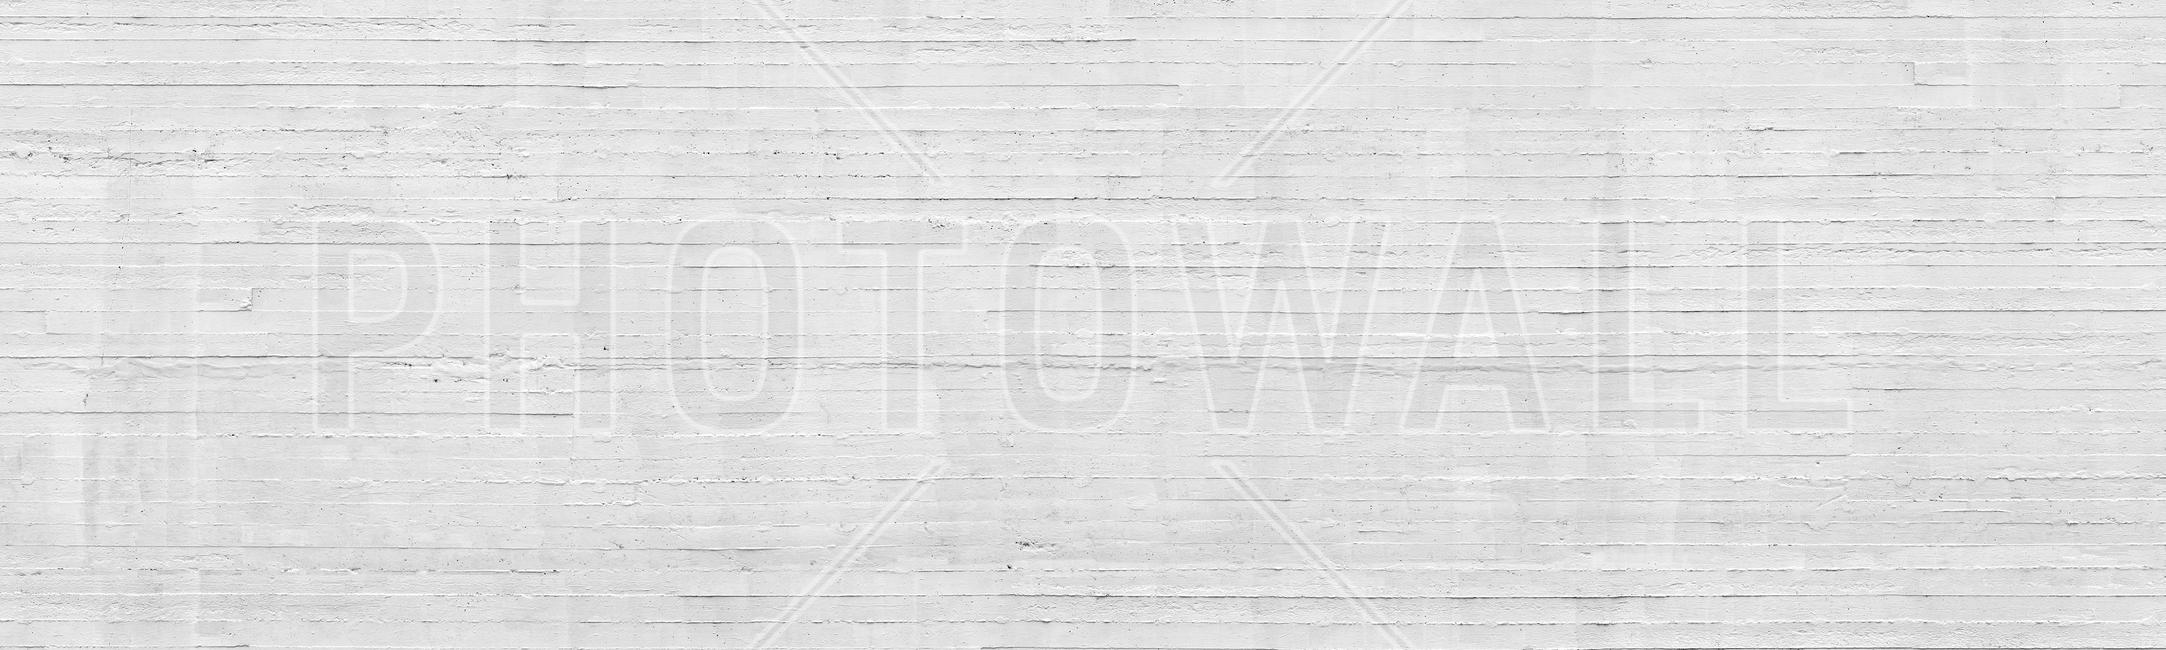 White Concrete Wall Fototapeter & Tapeter 100 x 100 cm